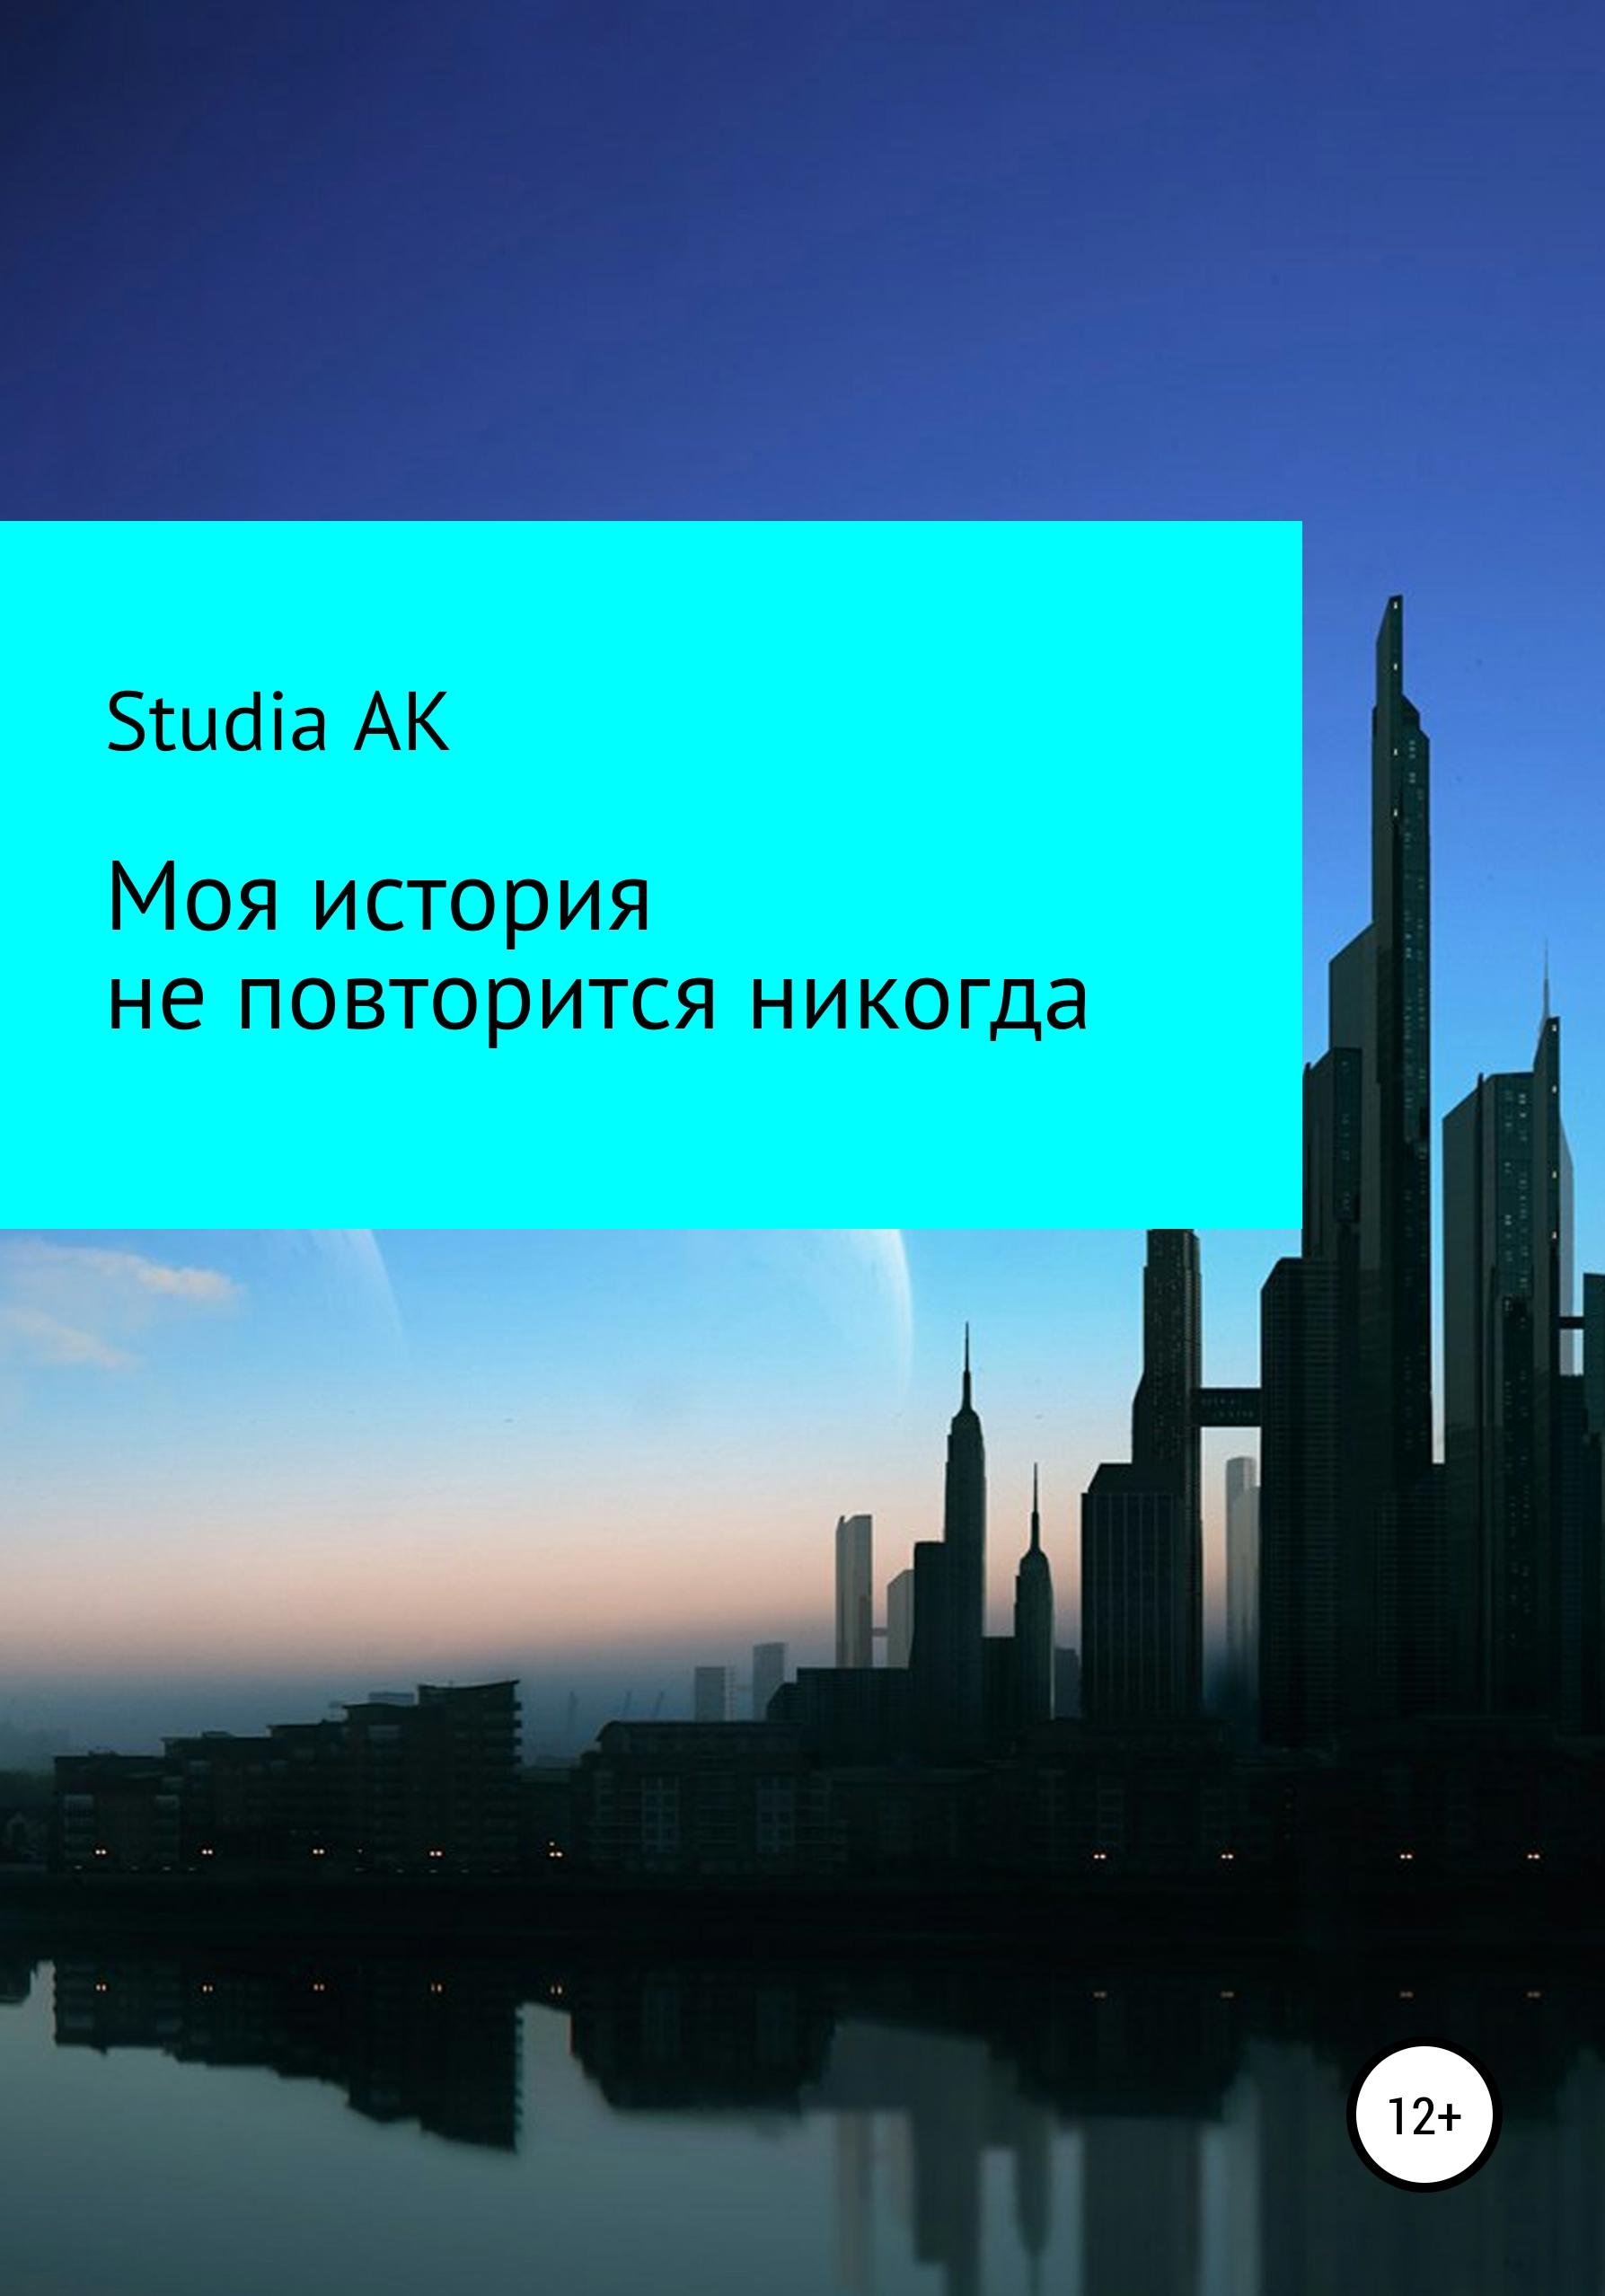 Studia AK Моя история не повторится никогда наталья терентьева ничто не повторится